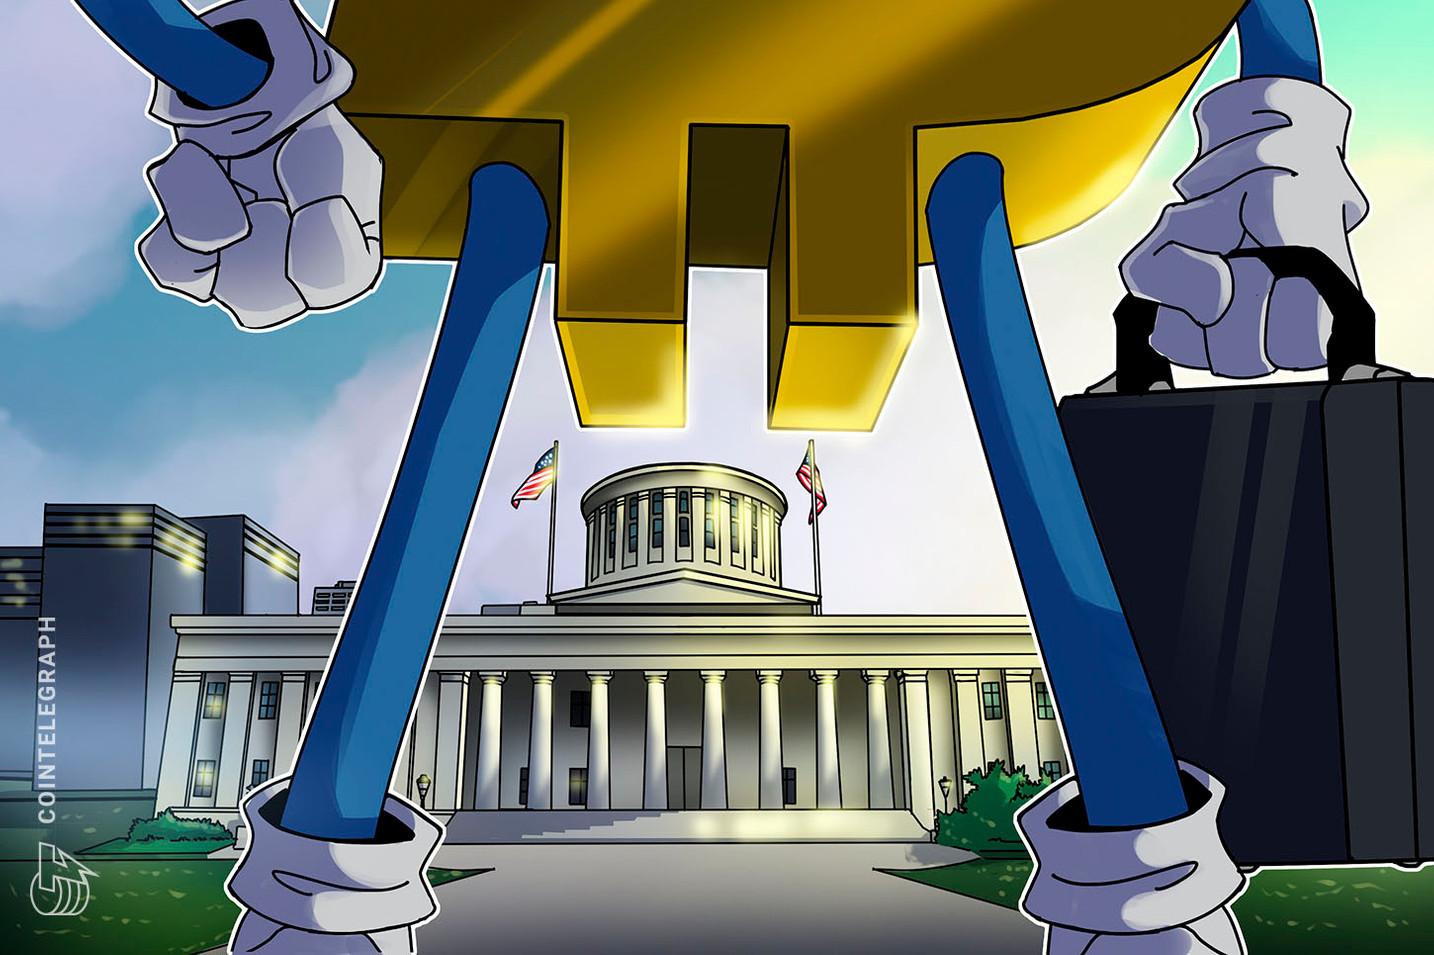 Ohio aceptará pagos de impuestos en cripto: ¿el estándar para el futuro?